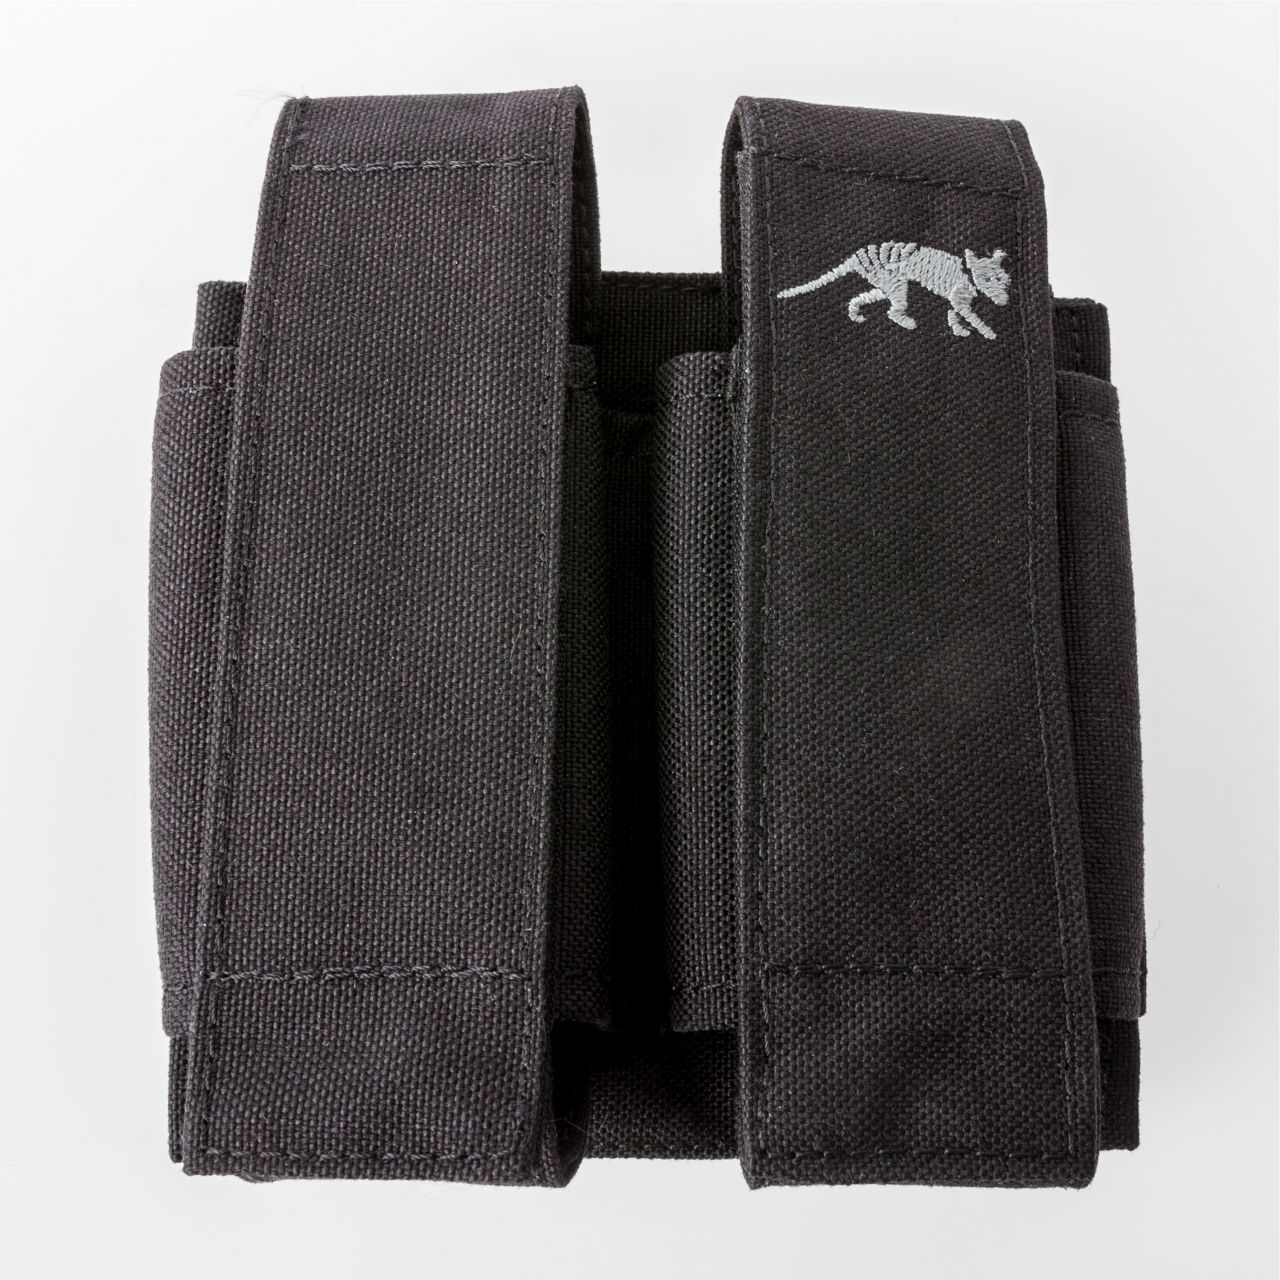 Estuche Mil-Pouch TT 2x40 mm horizontal negra